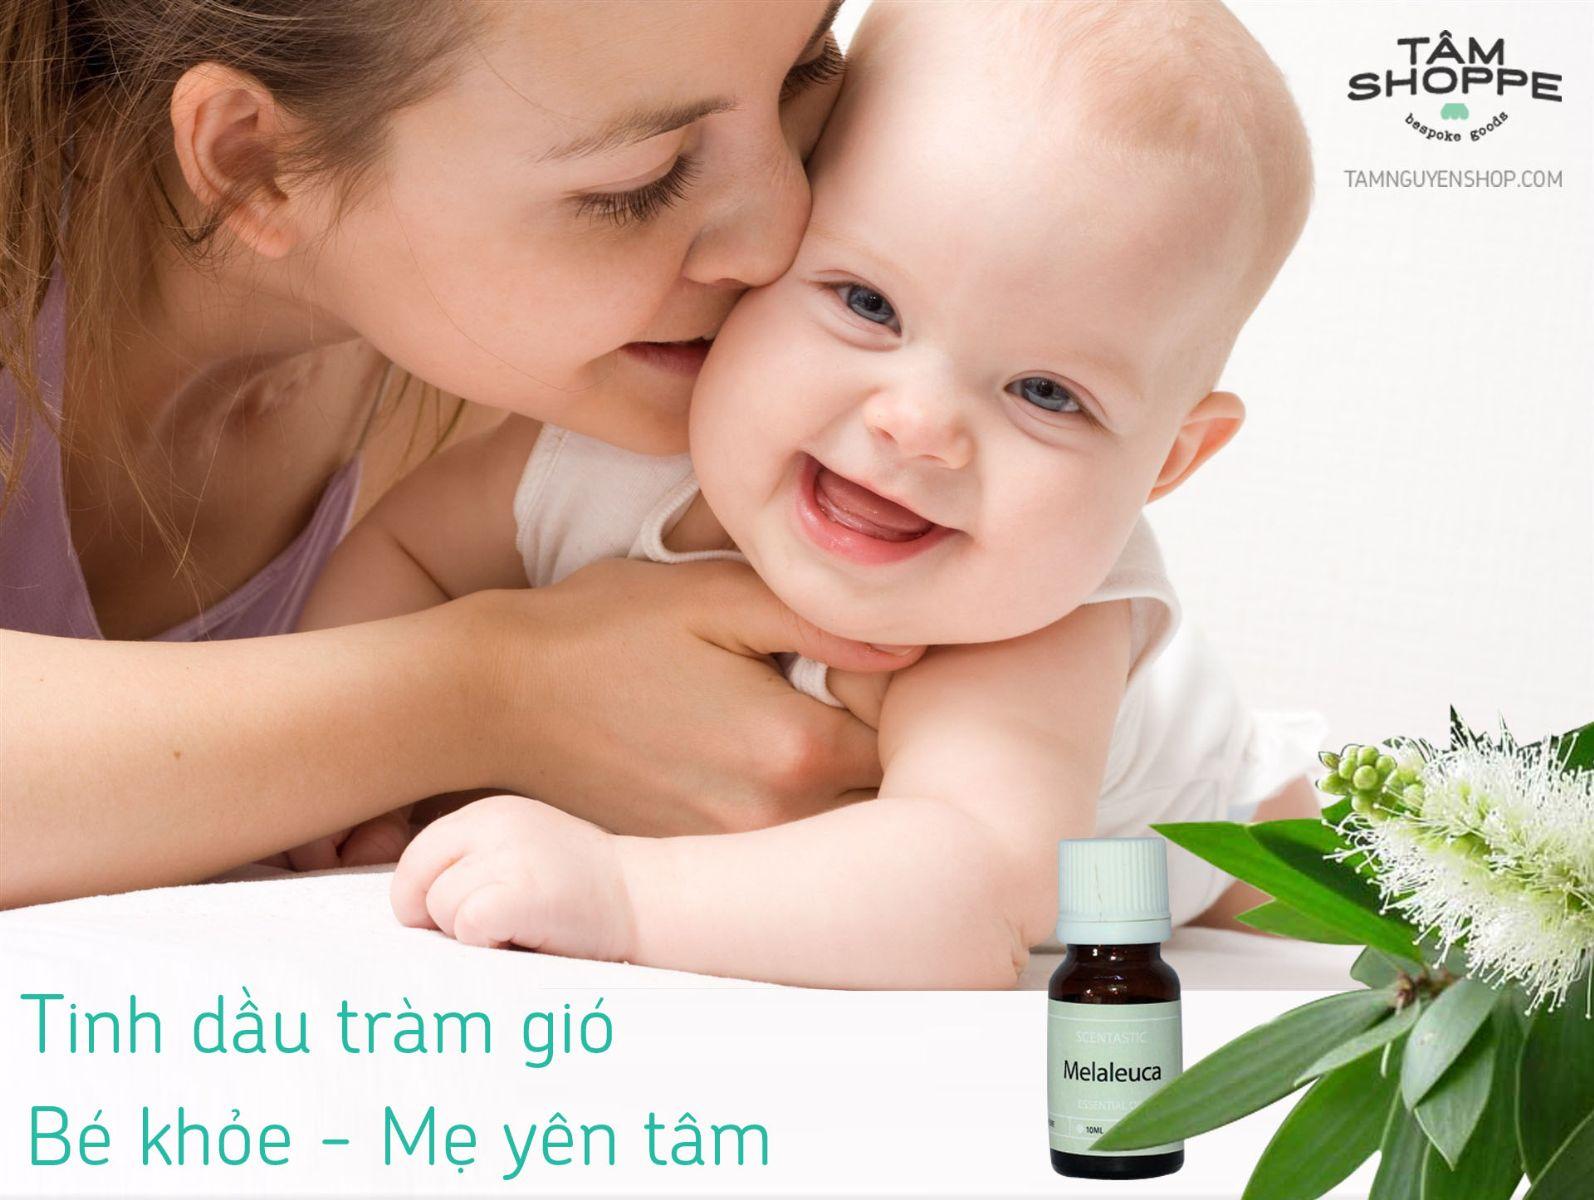 Tinh dầu tràm gió rất tốt cho sức khỏe của trẻ em